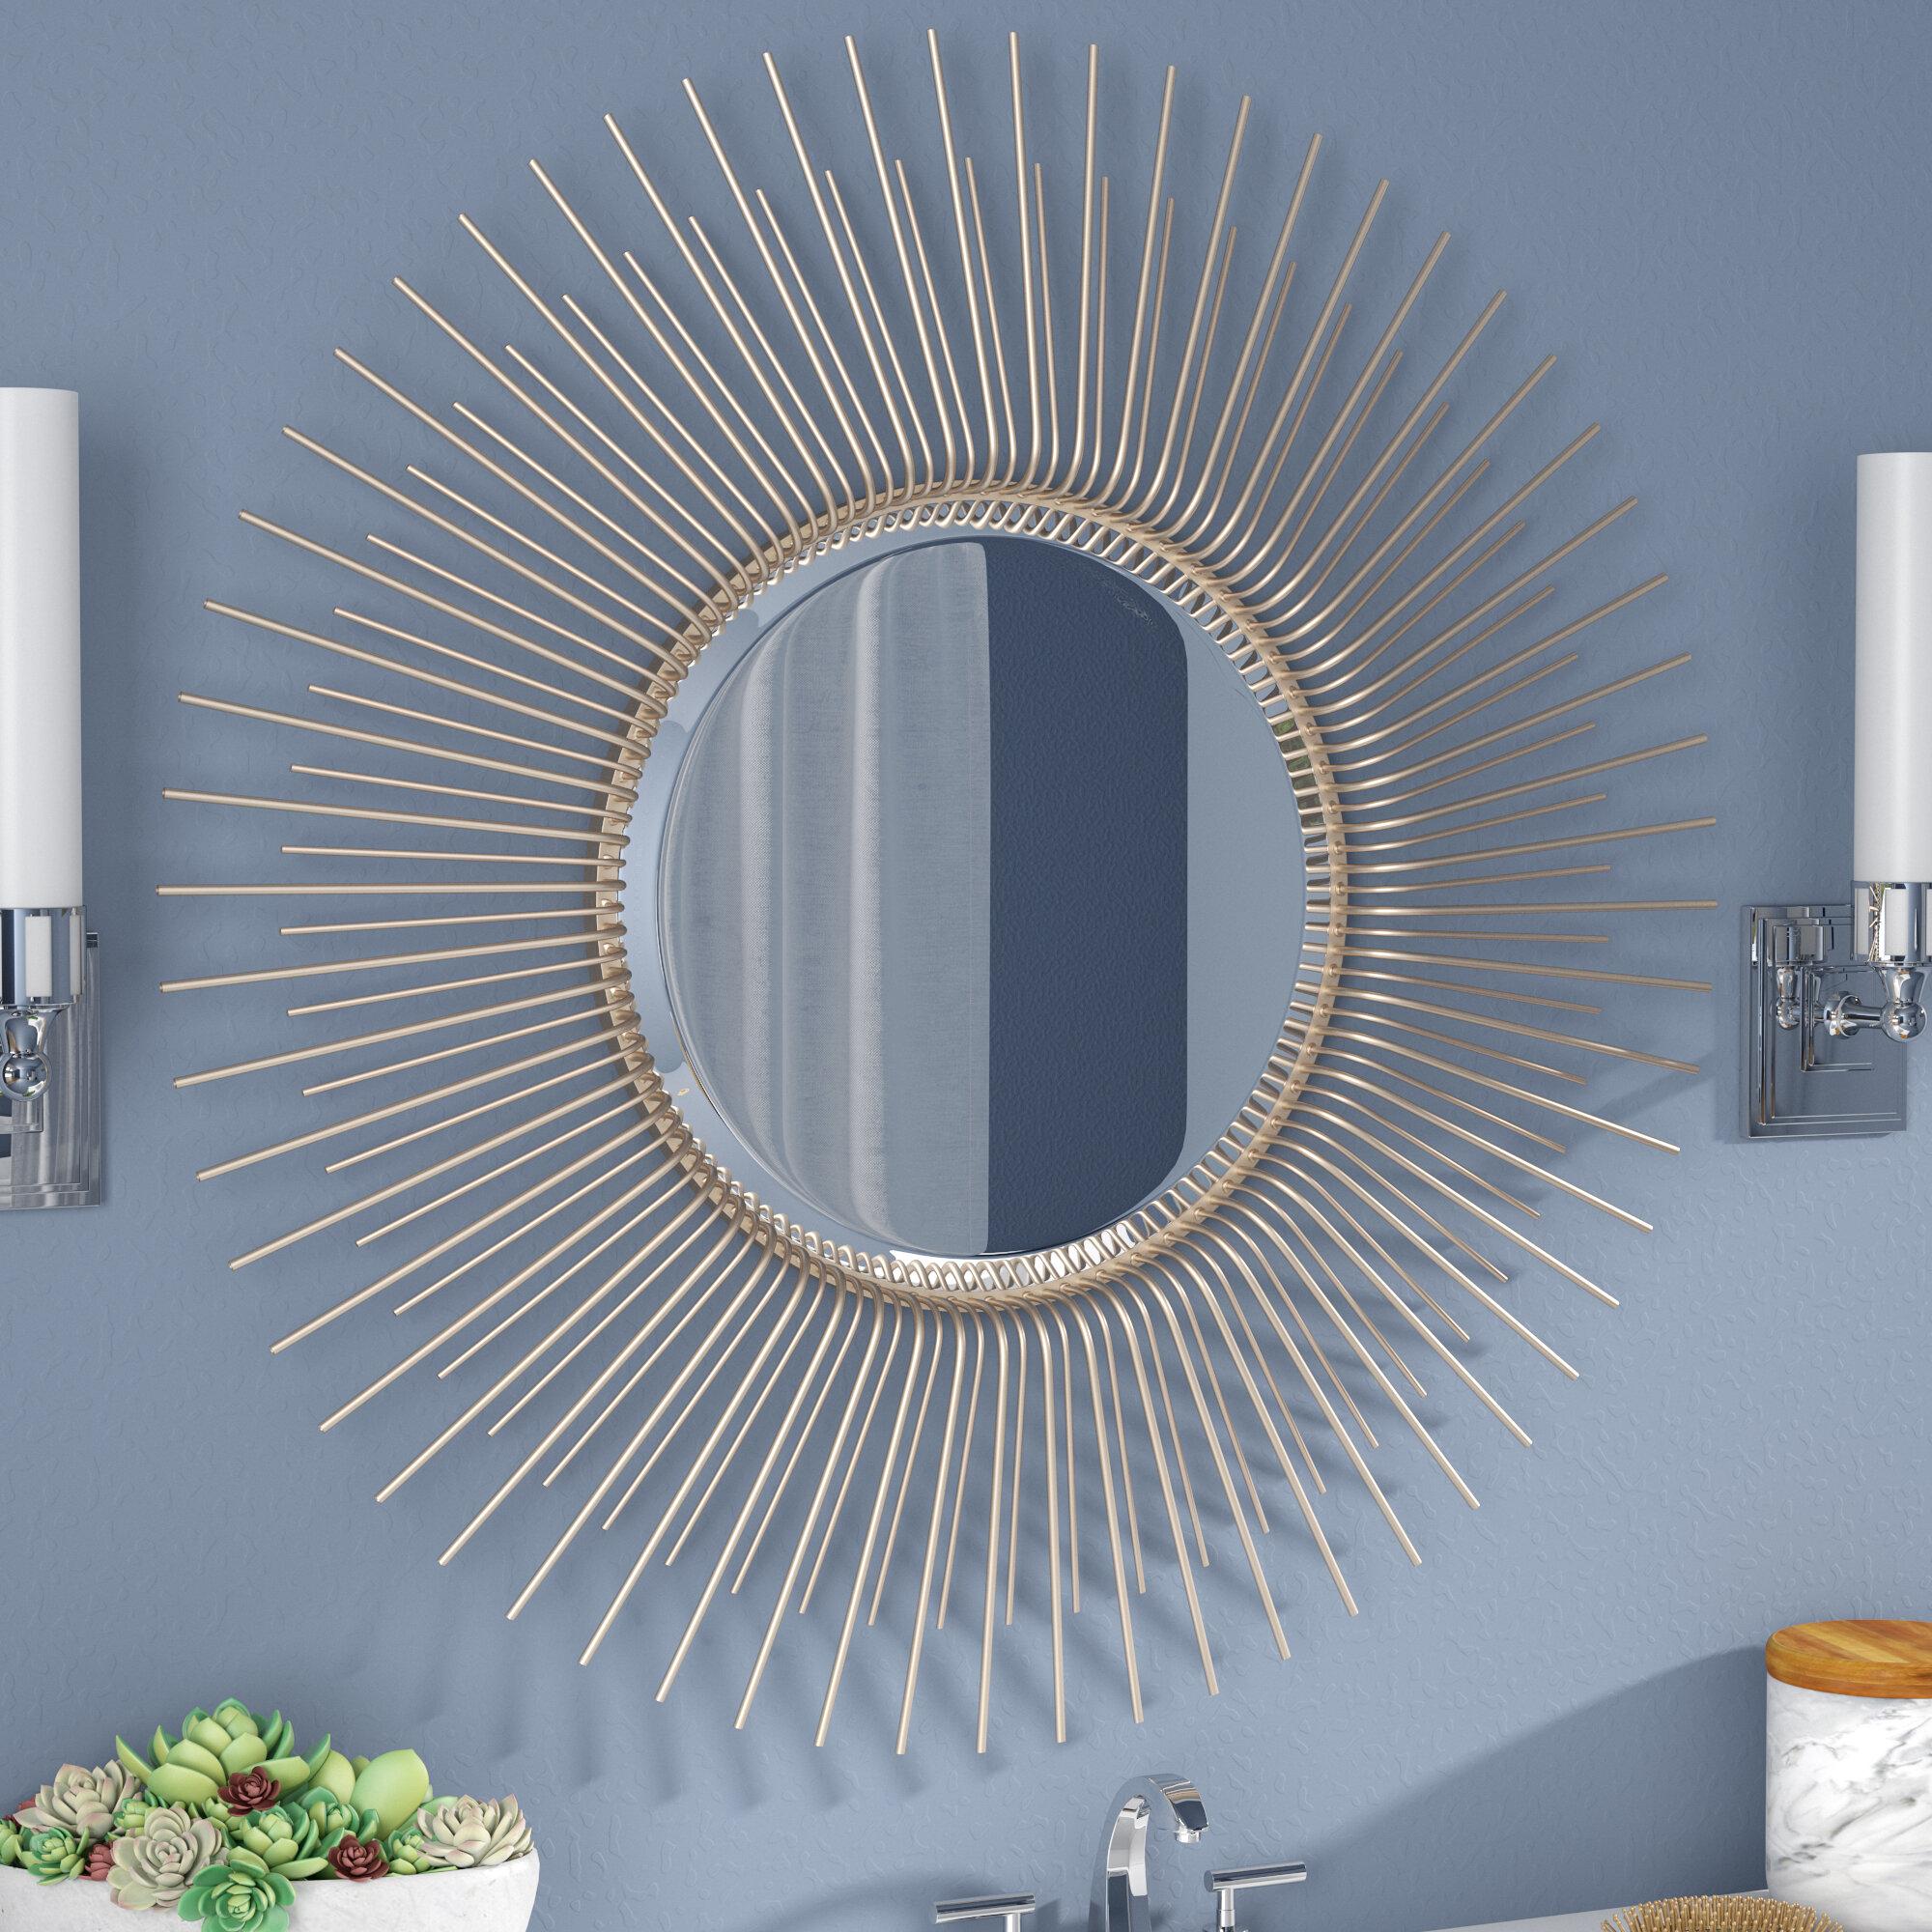 Brayden Studio Oversized Sunburst Wood Frame Accent Mirror & Reviews ...